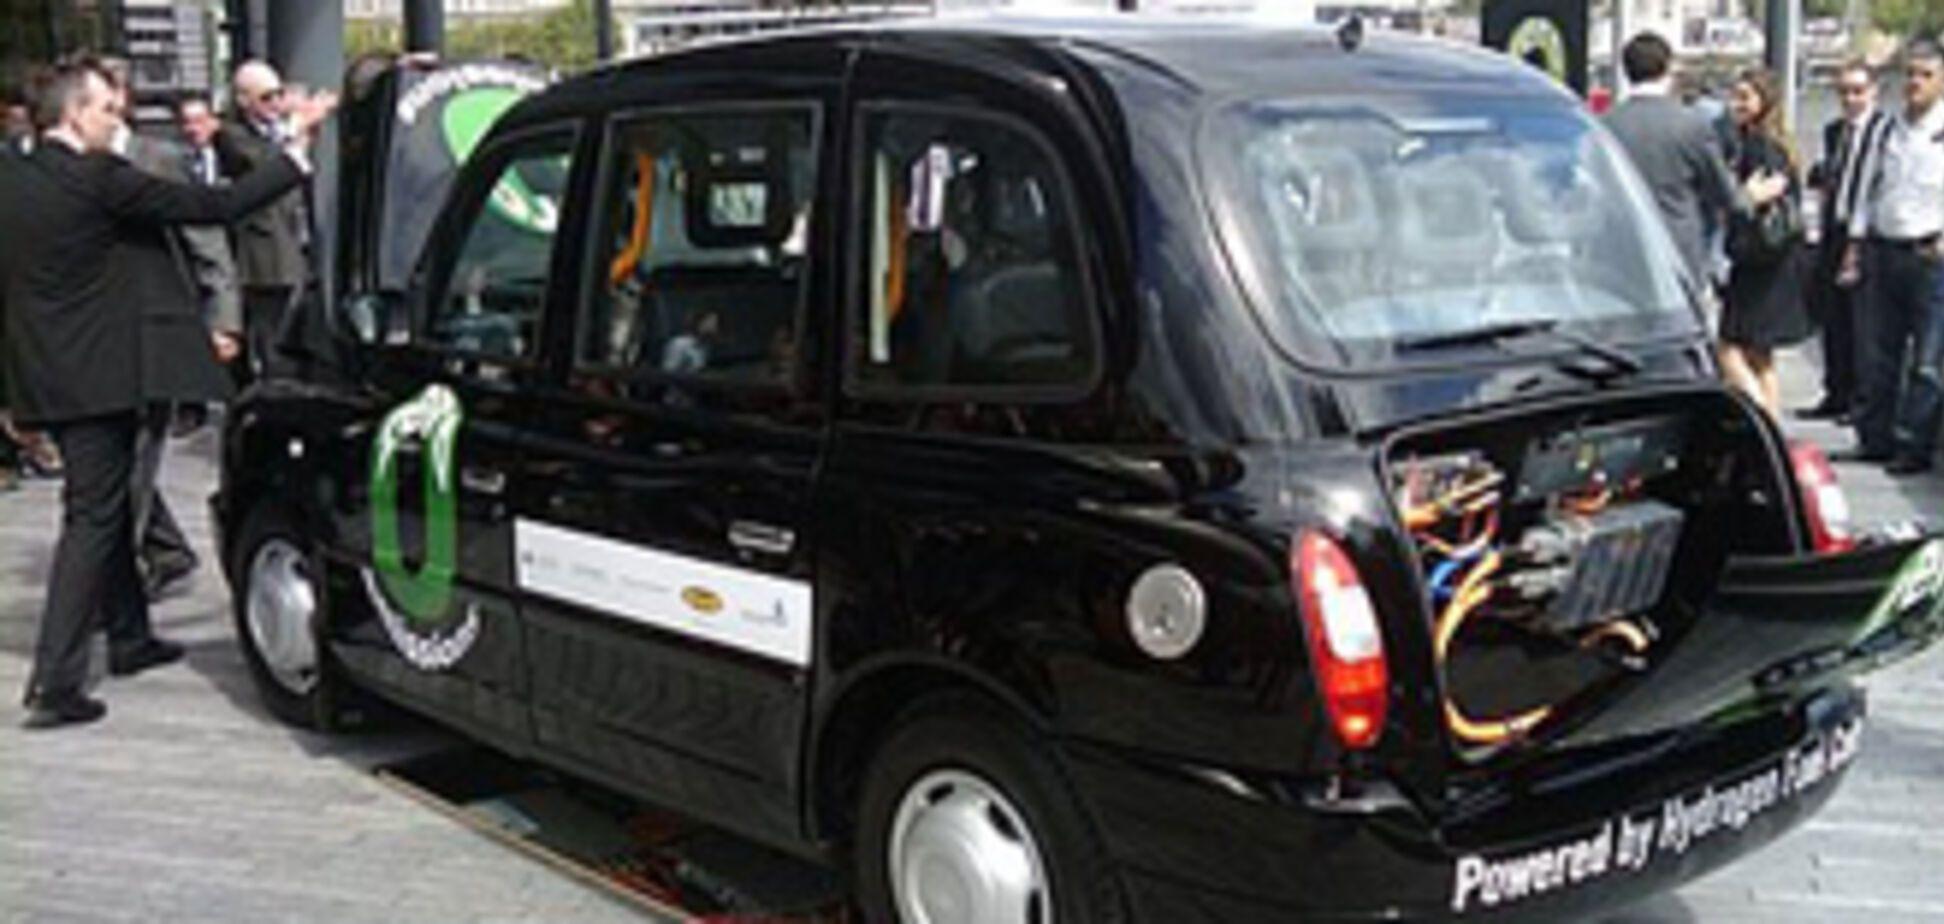 До Олімпіади-2012 в Лондоні з'являться таксі на водні